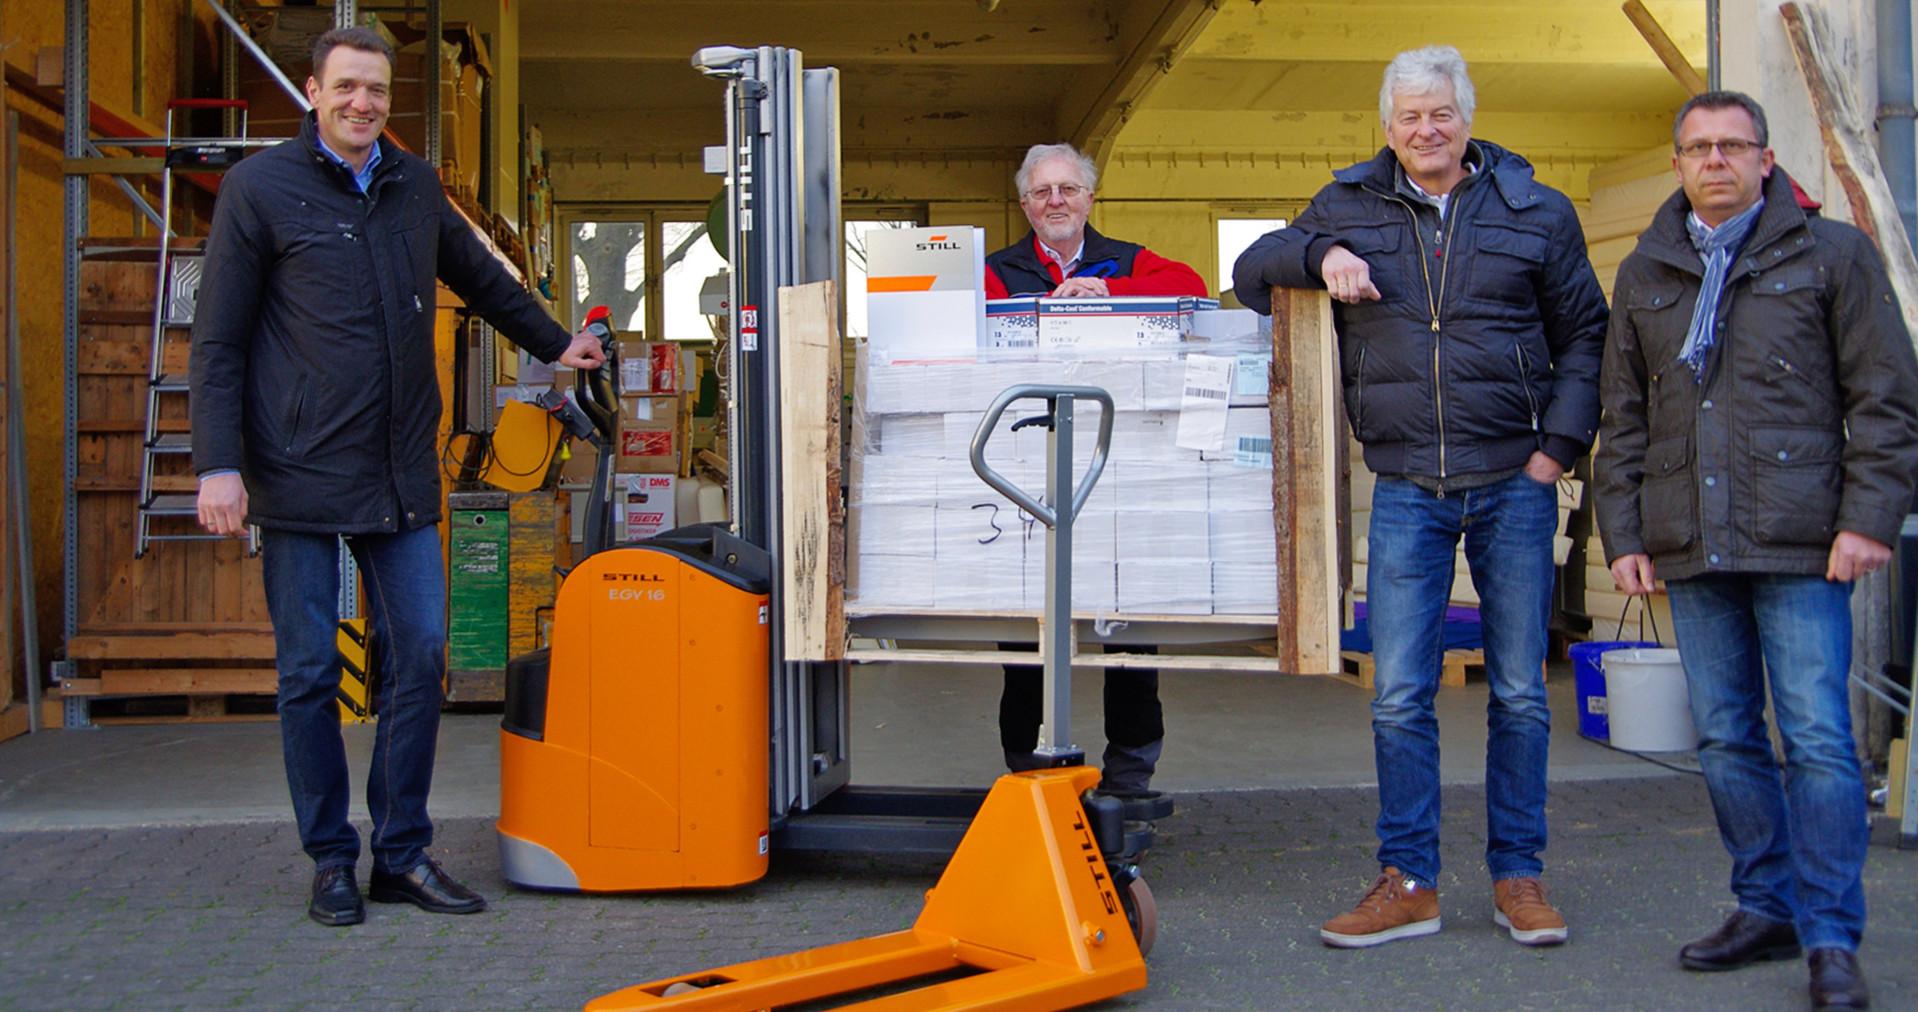 STILL-Hochhubwagen hilft Kindern in Not